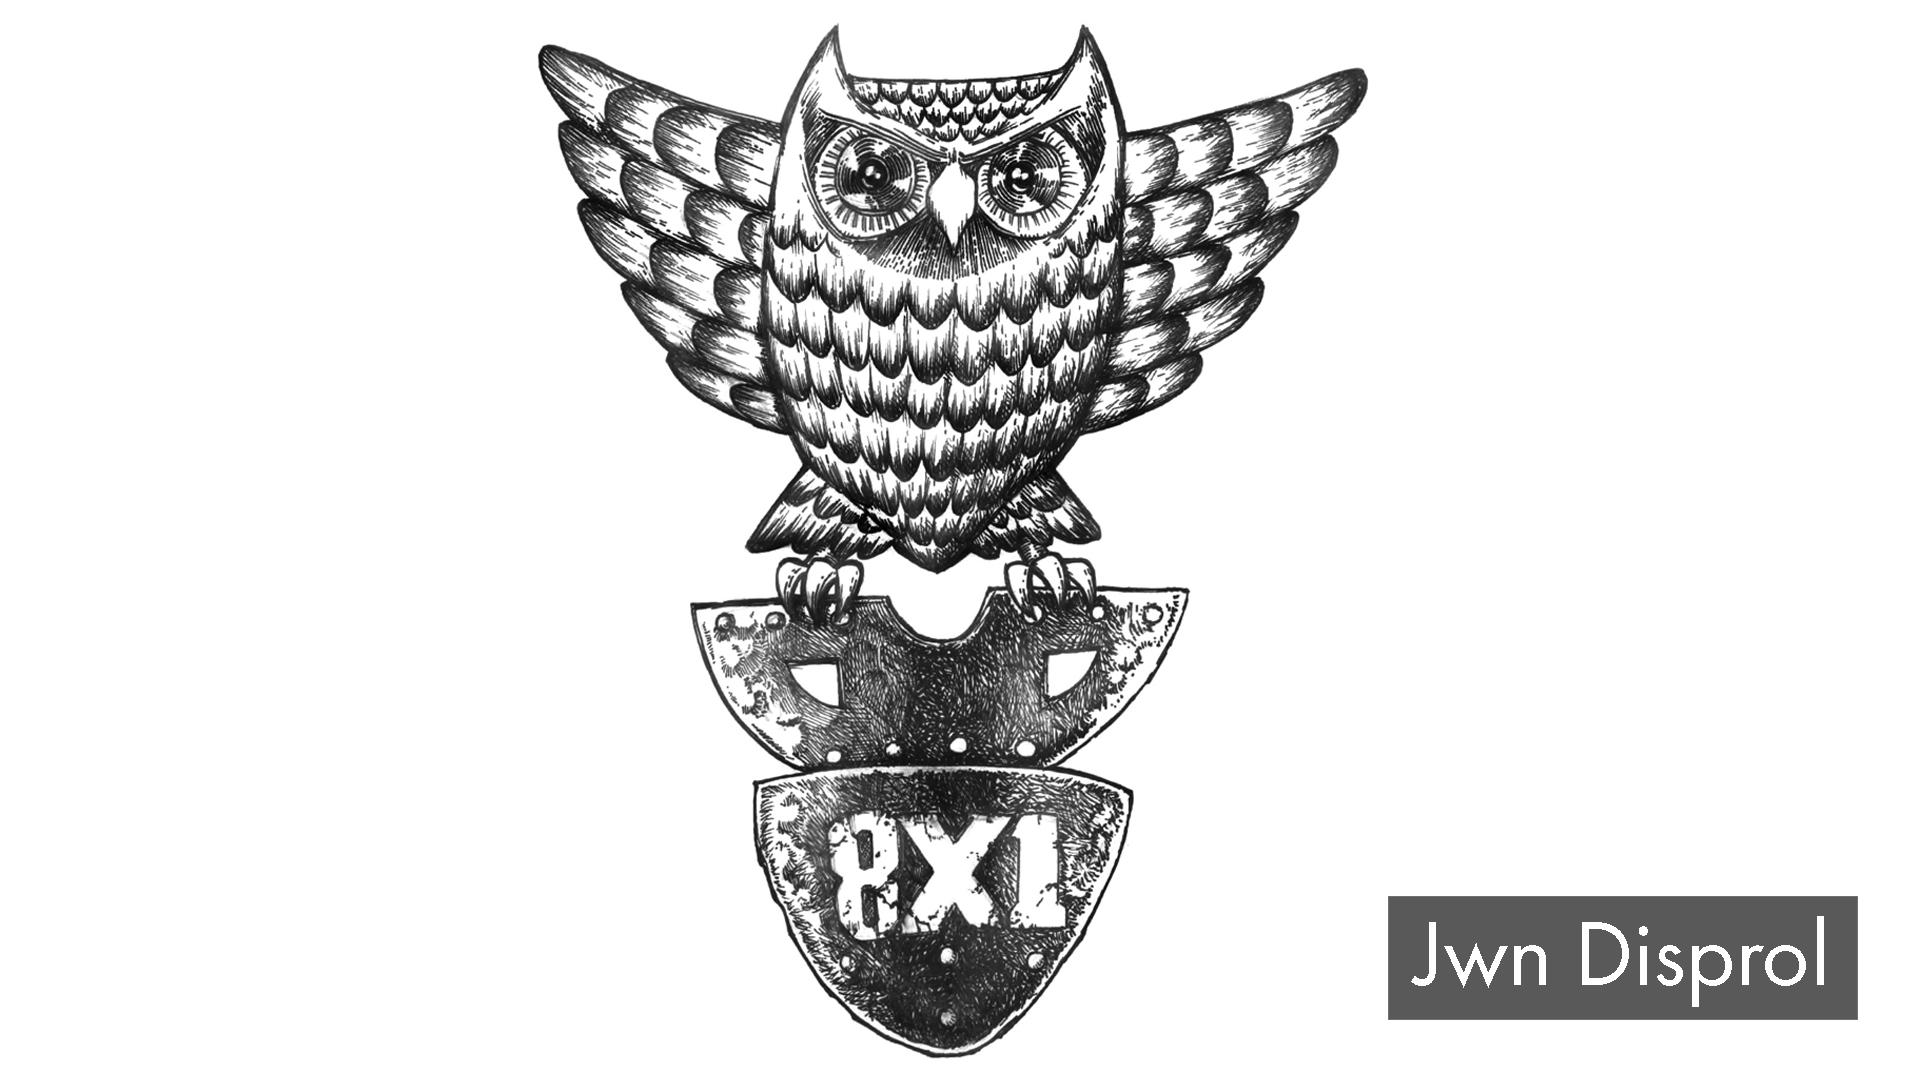 8x1_JwnDisprol.jpg